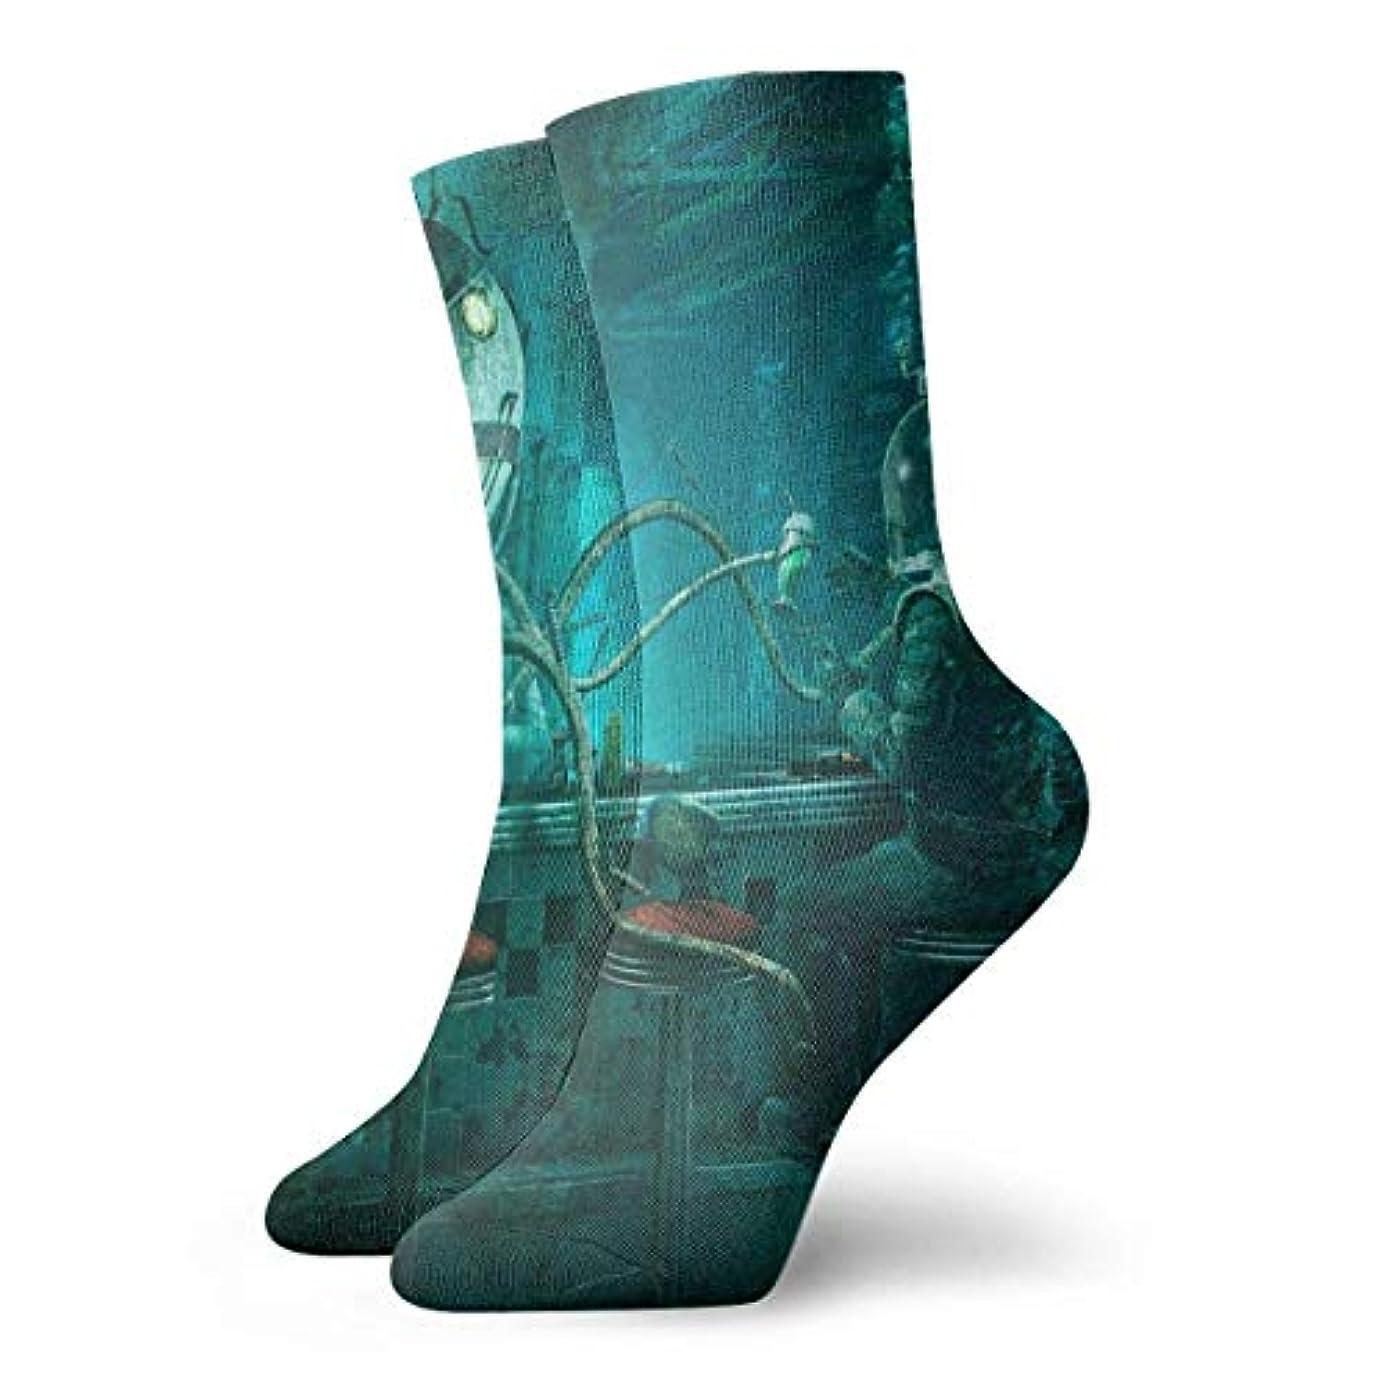 決定的ストライププレミアムクルクルレディーススチームパンクタコビデオゲームソフトクリスマス膝ハイスストッキングスリッパソックス、クリスマス楽しいカラフルな靴下